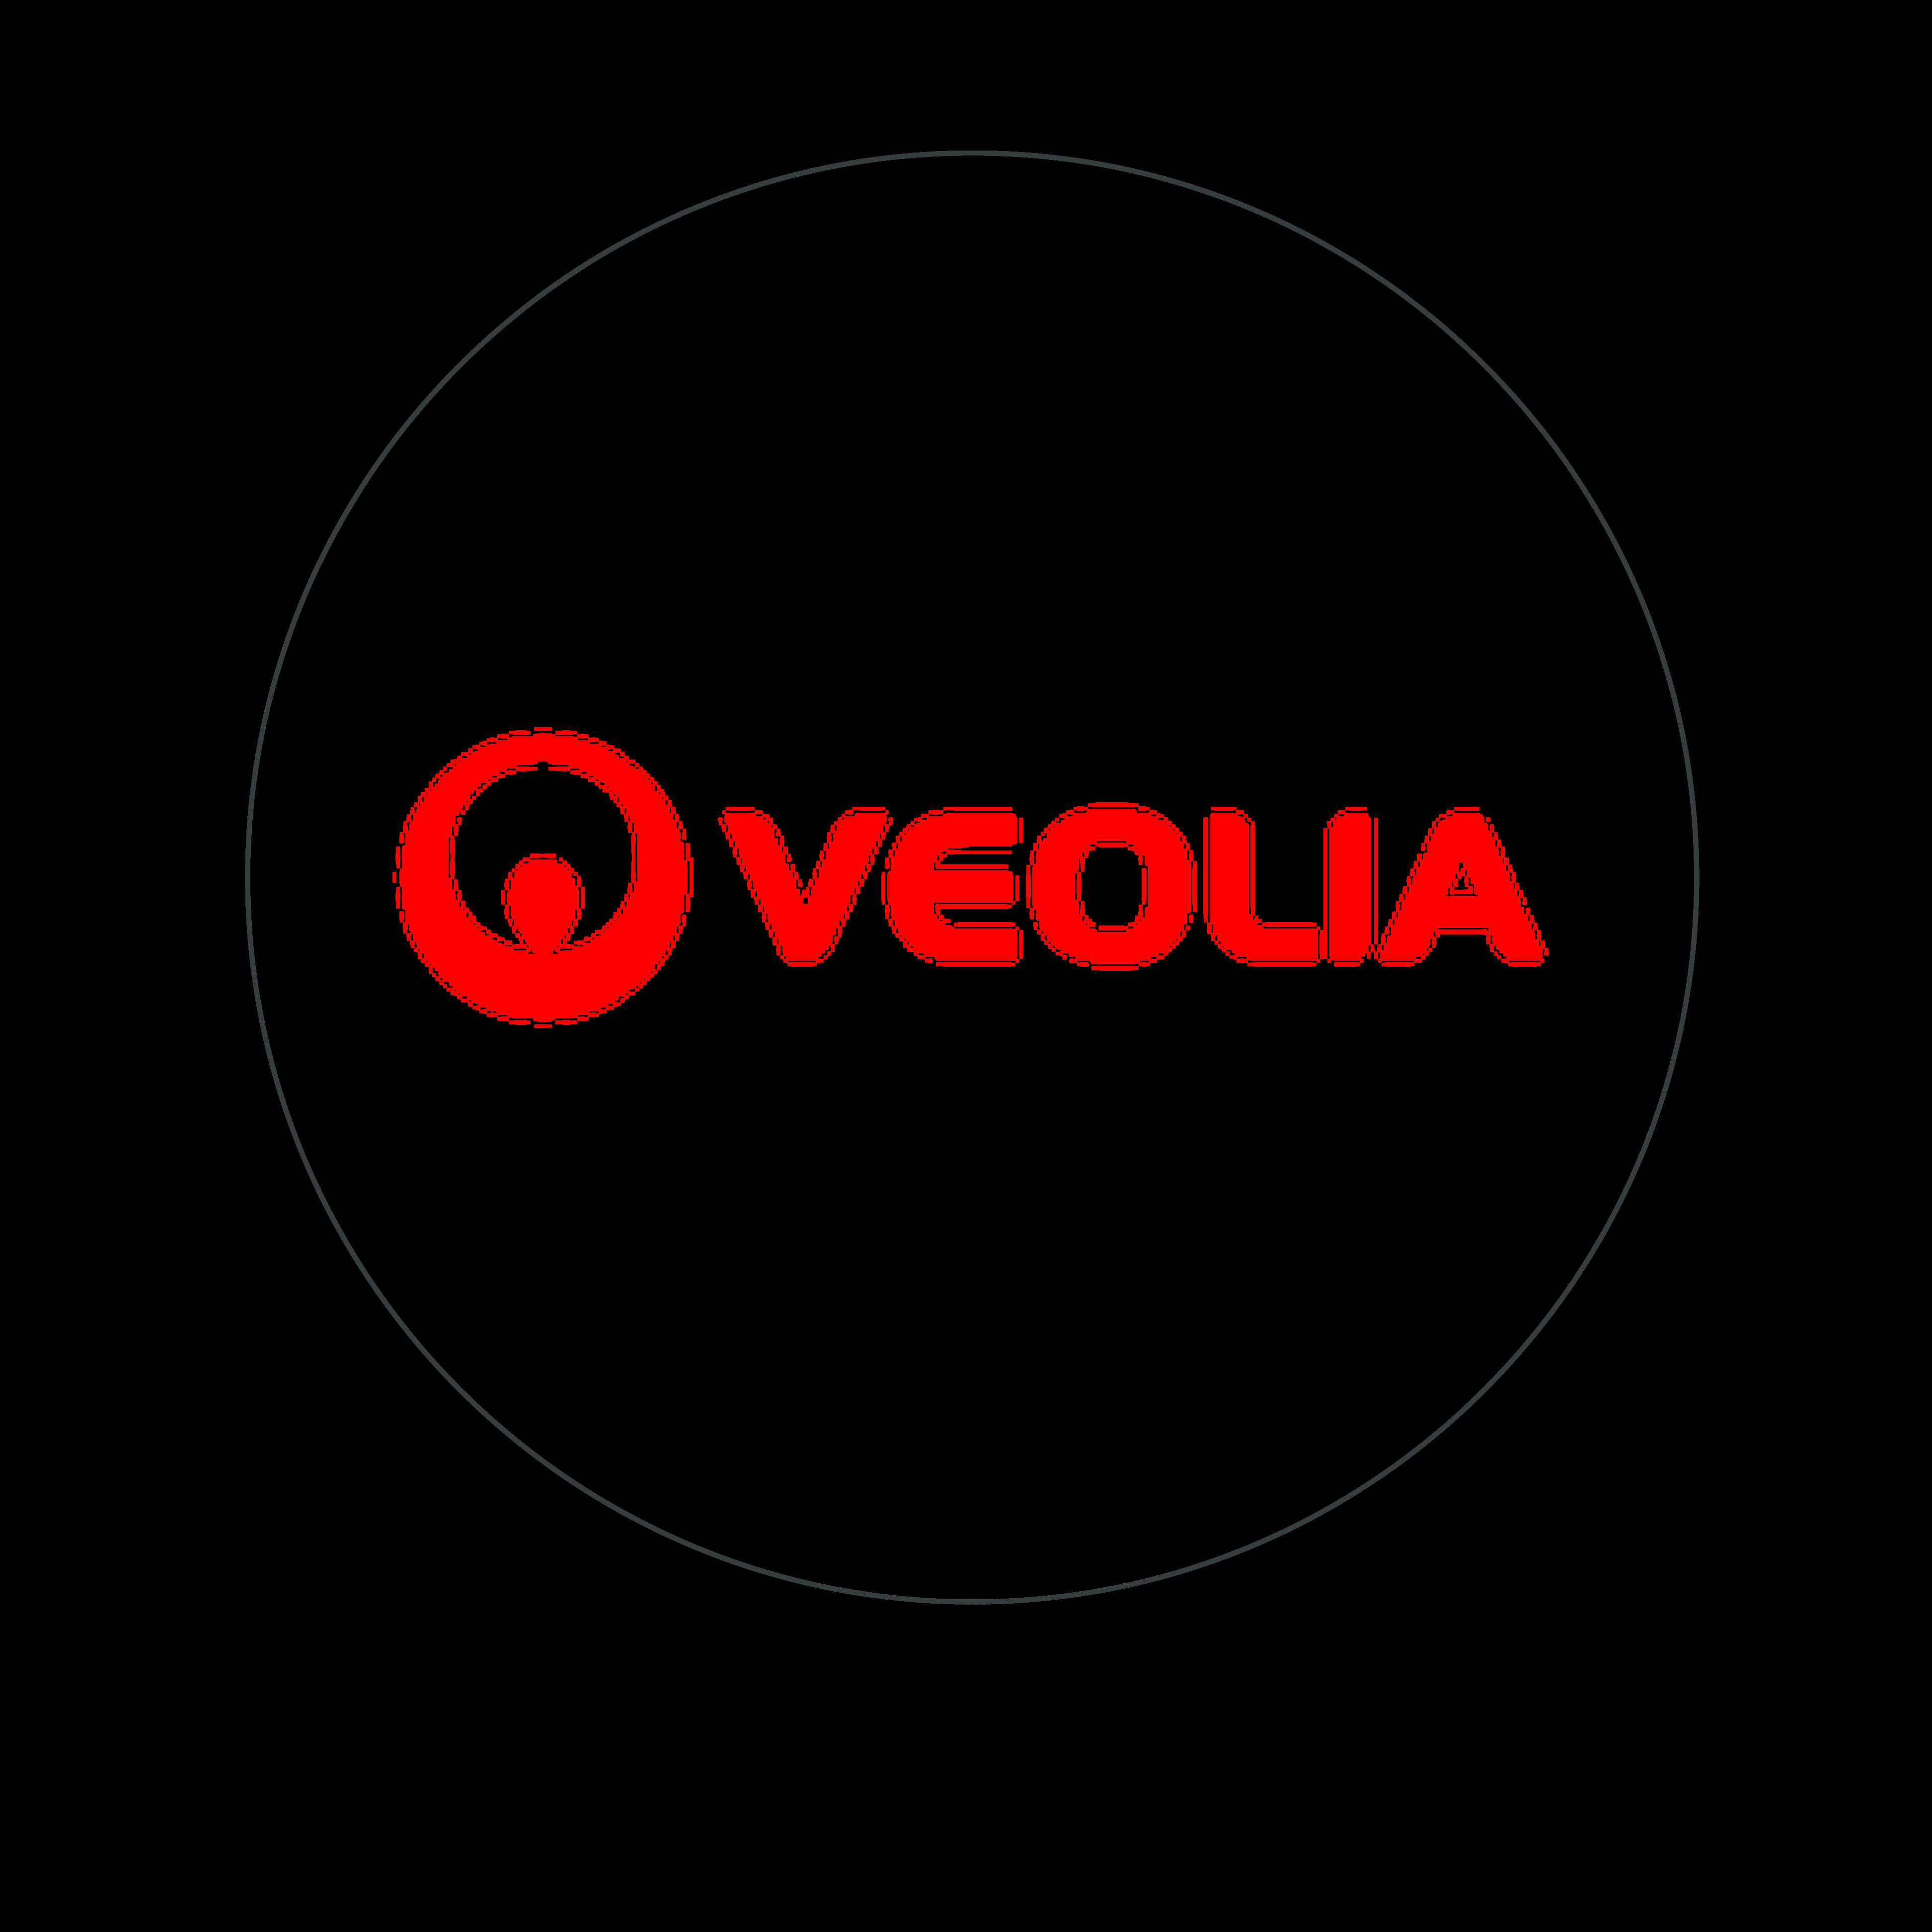 logo veolia rouge cerclé gris